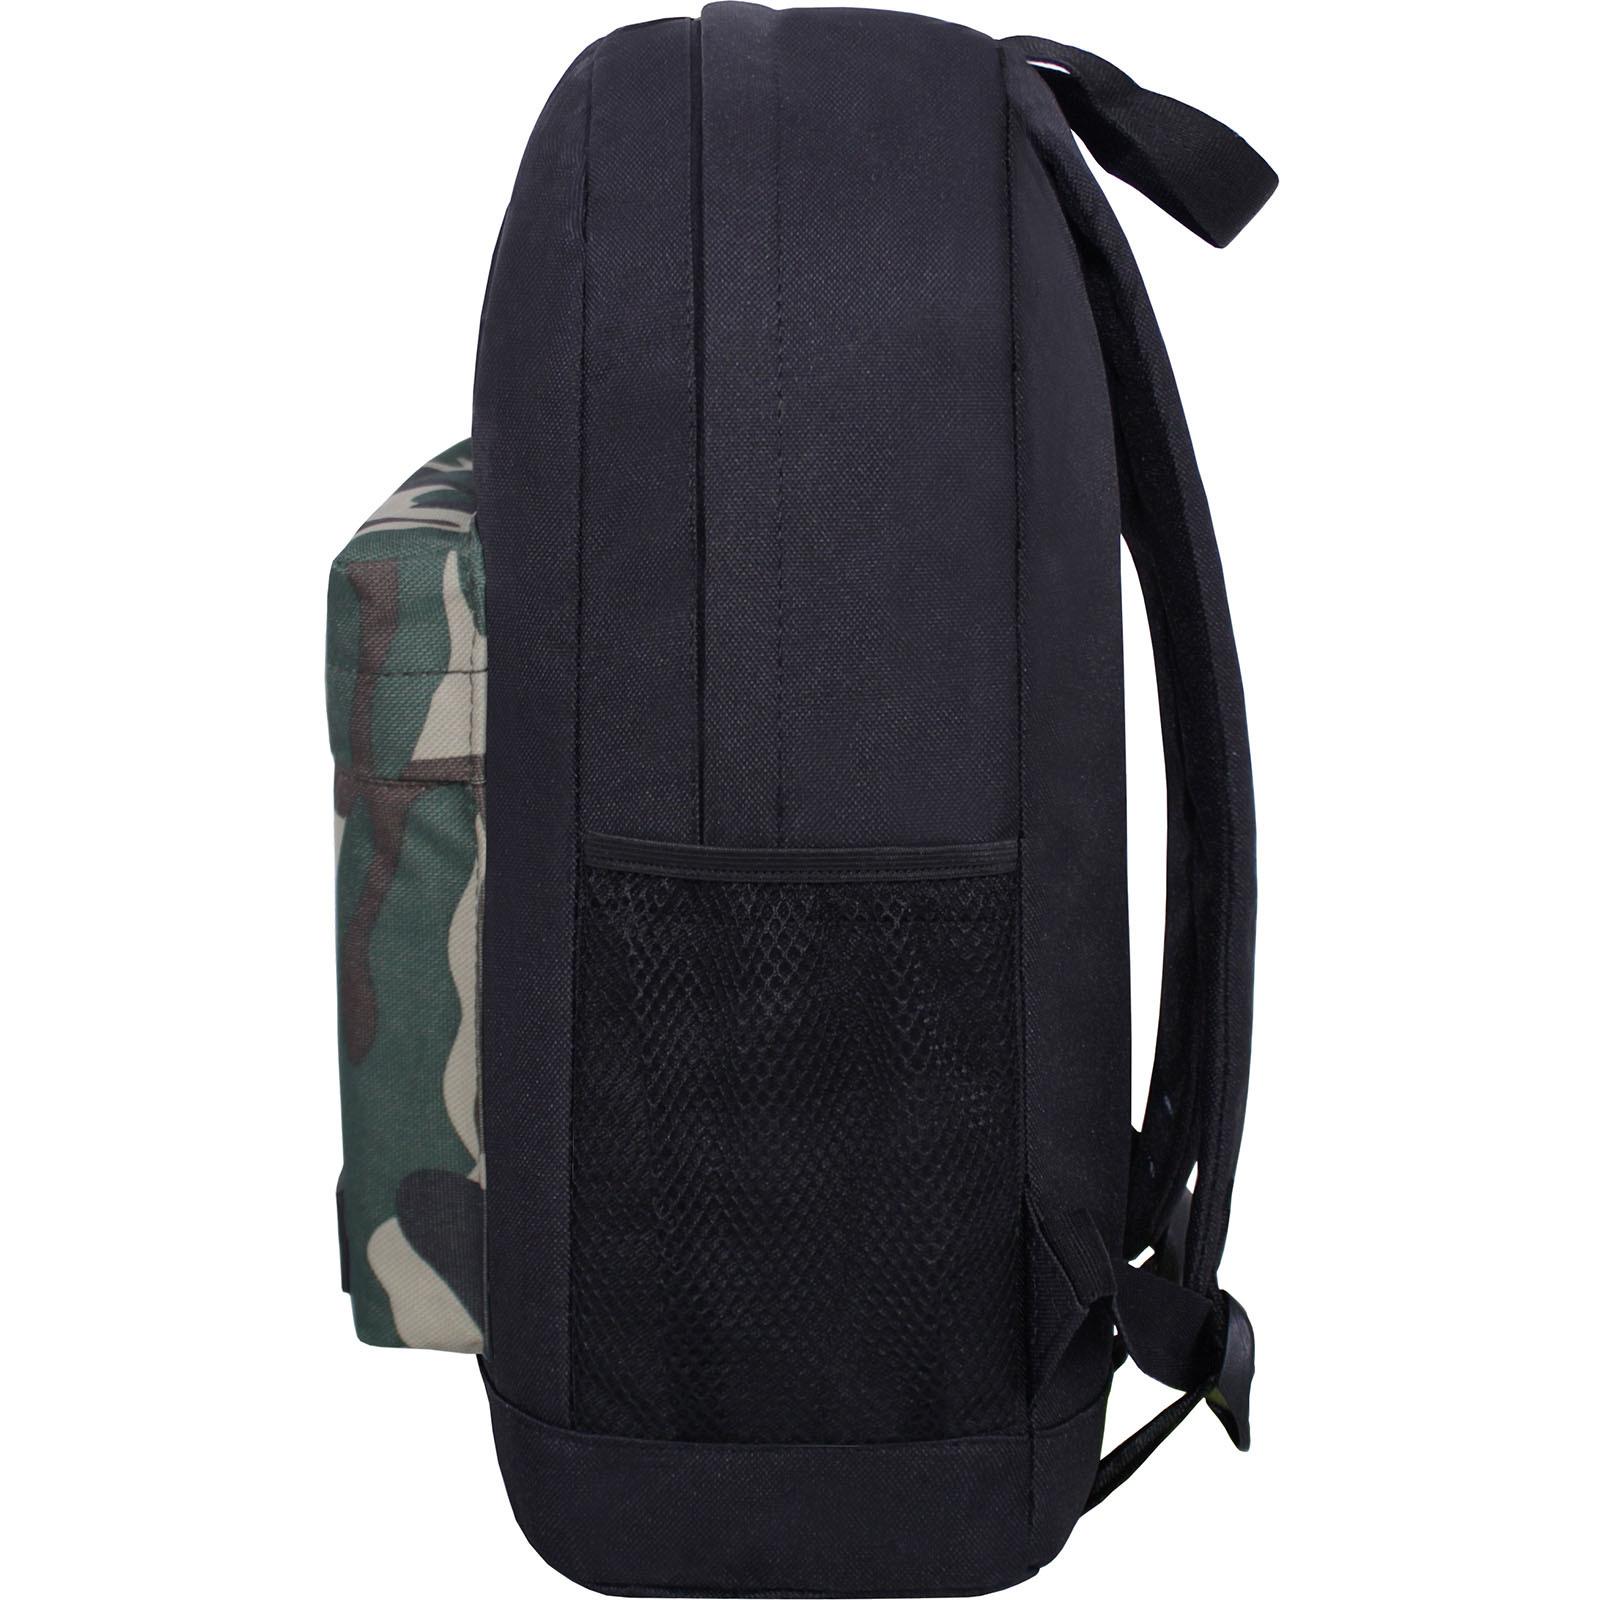 Рюкзак Bagland Молодежный W/R 17 л. черный/камуфляж (00533662) фото 3